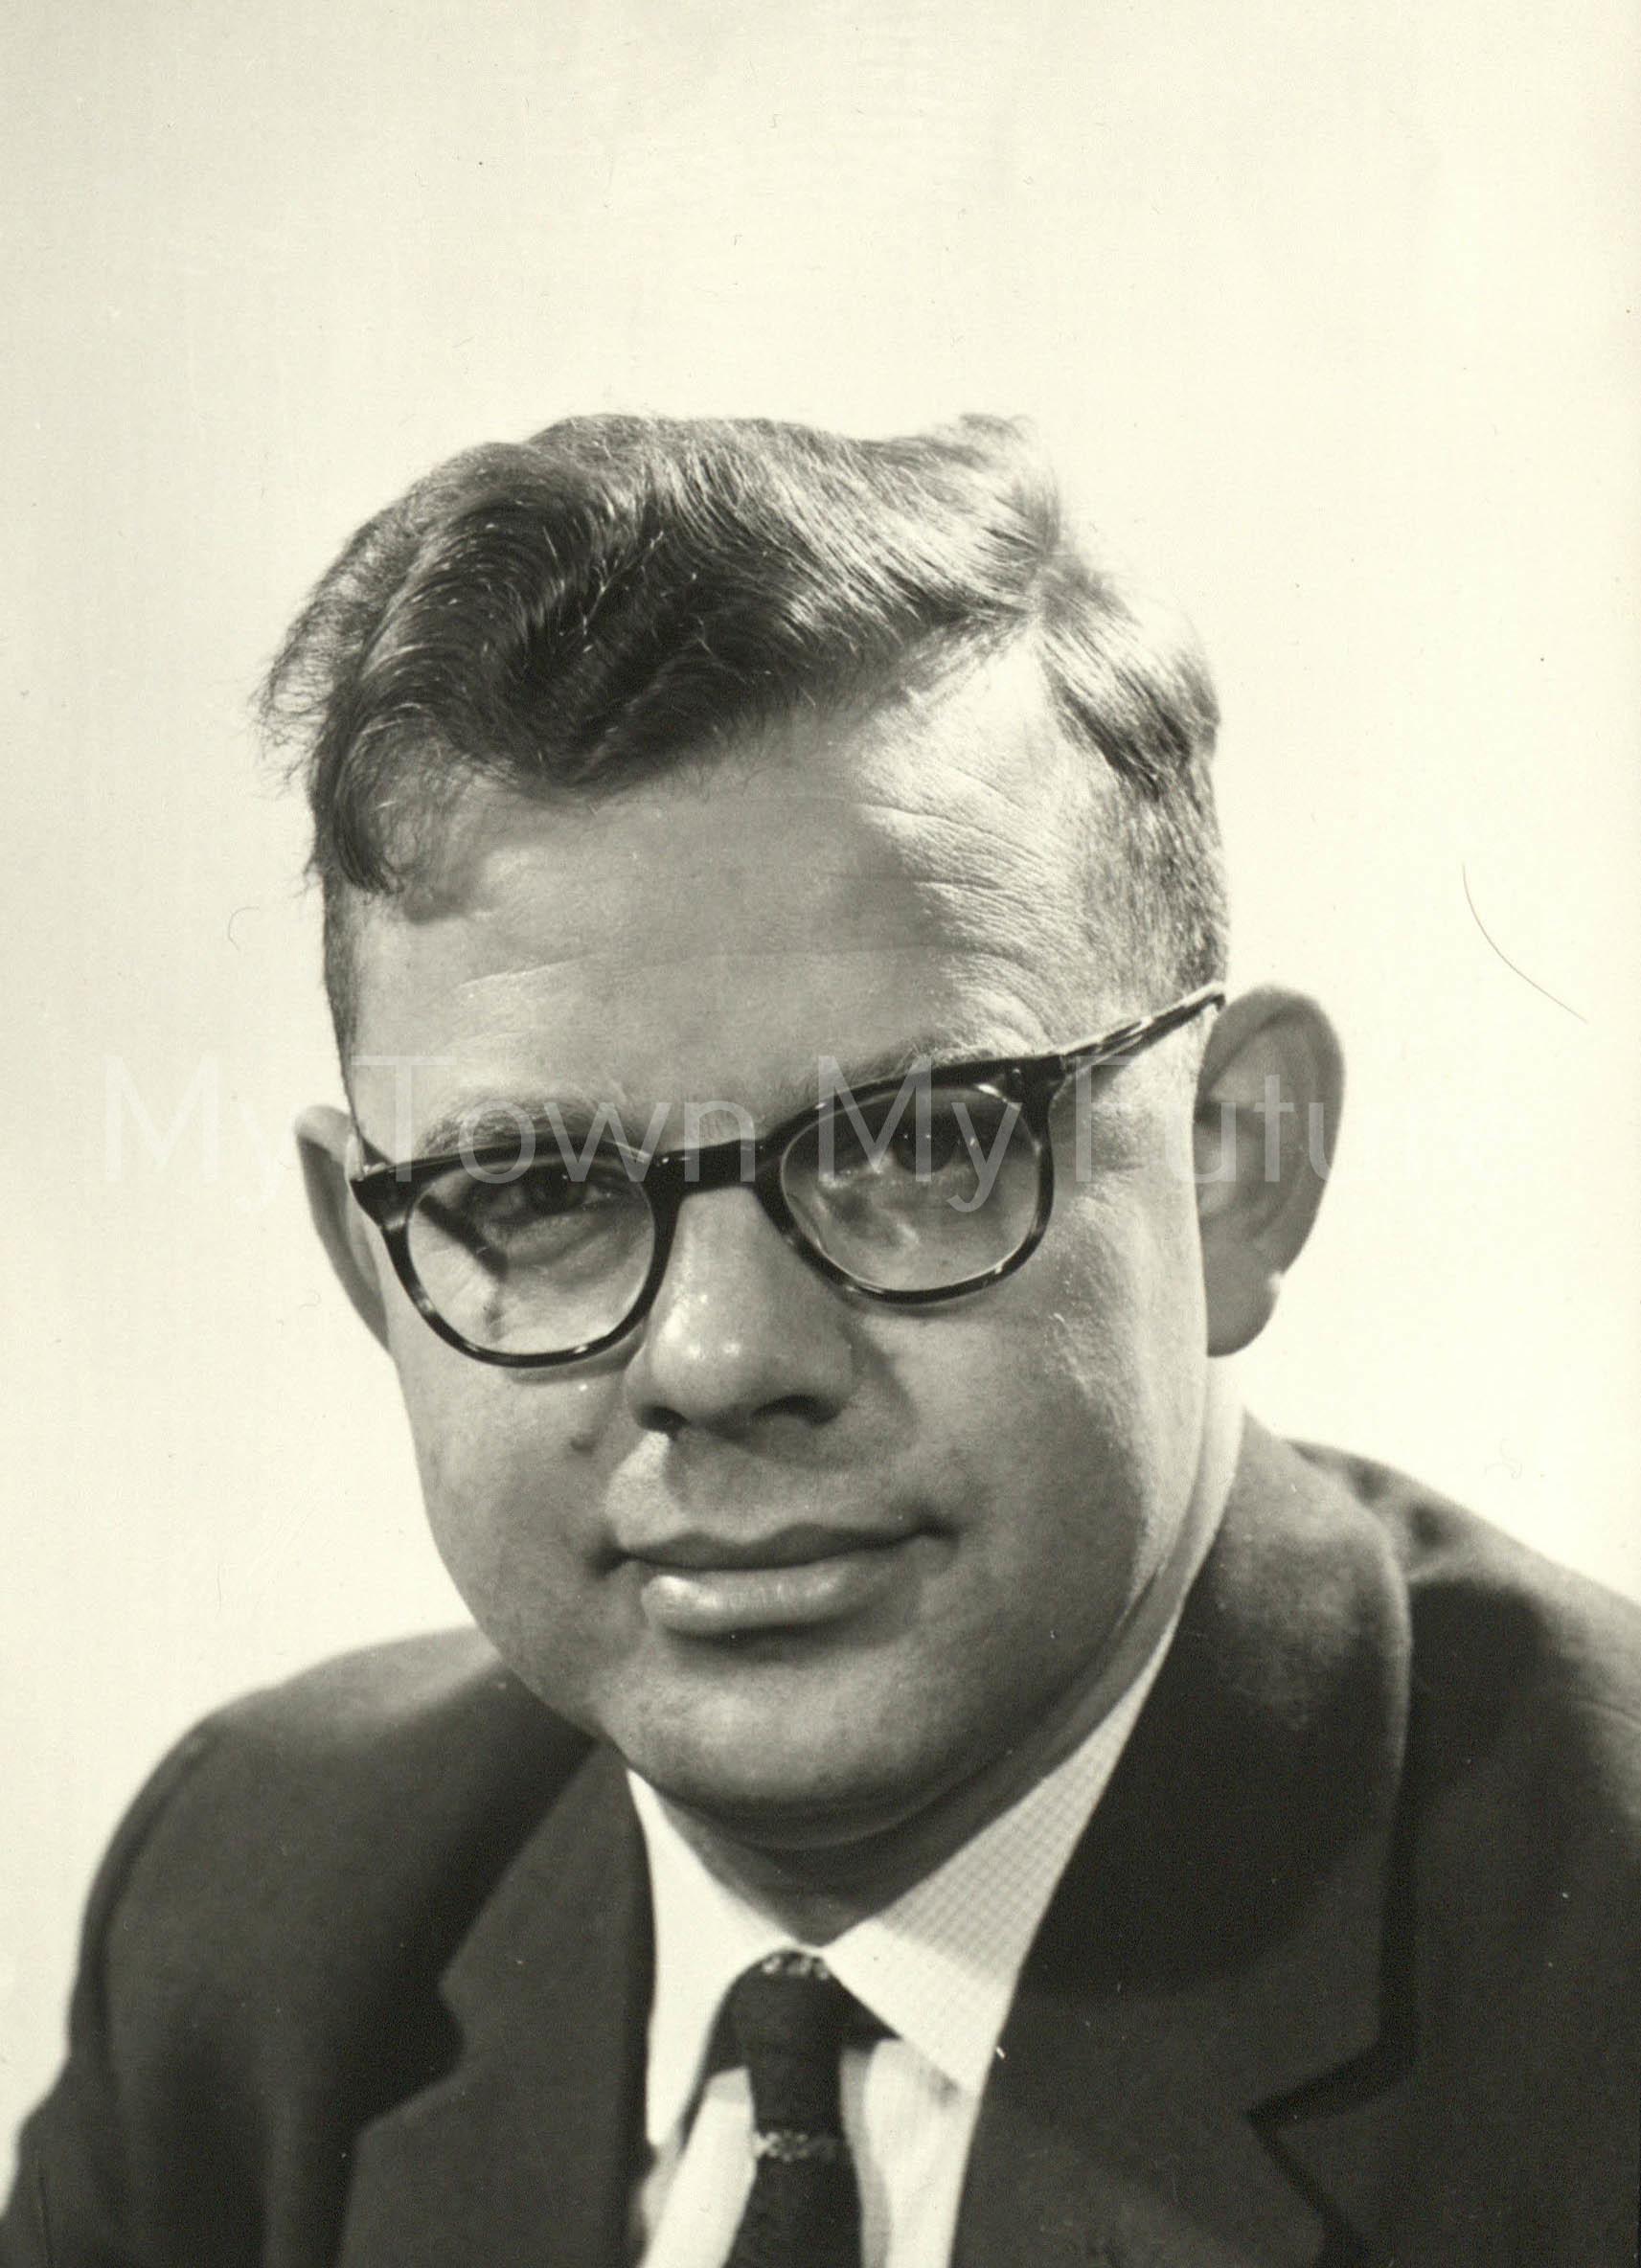 Dr R G J Telfer, 1st July 1971, I.C.I.